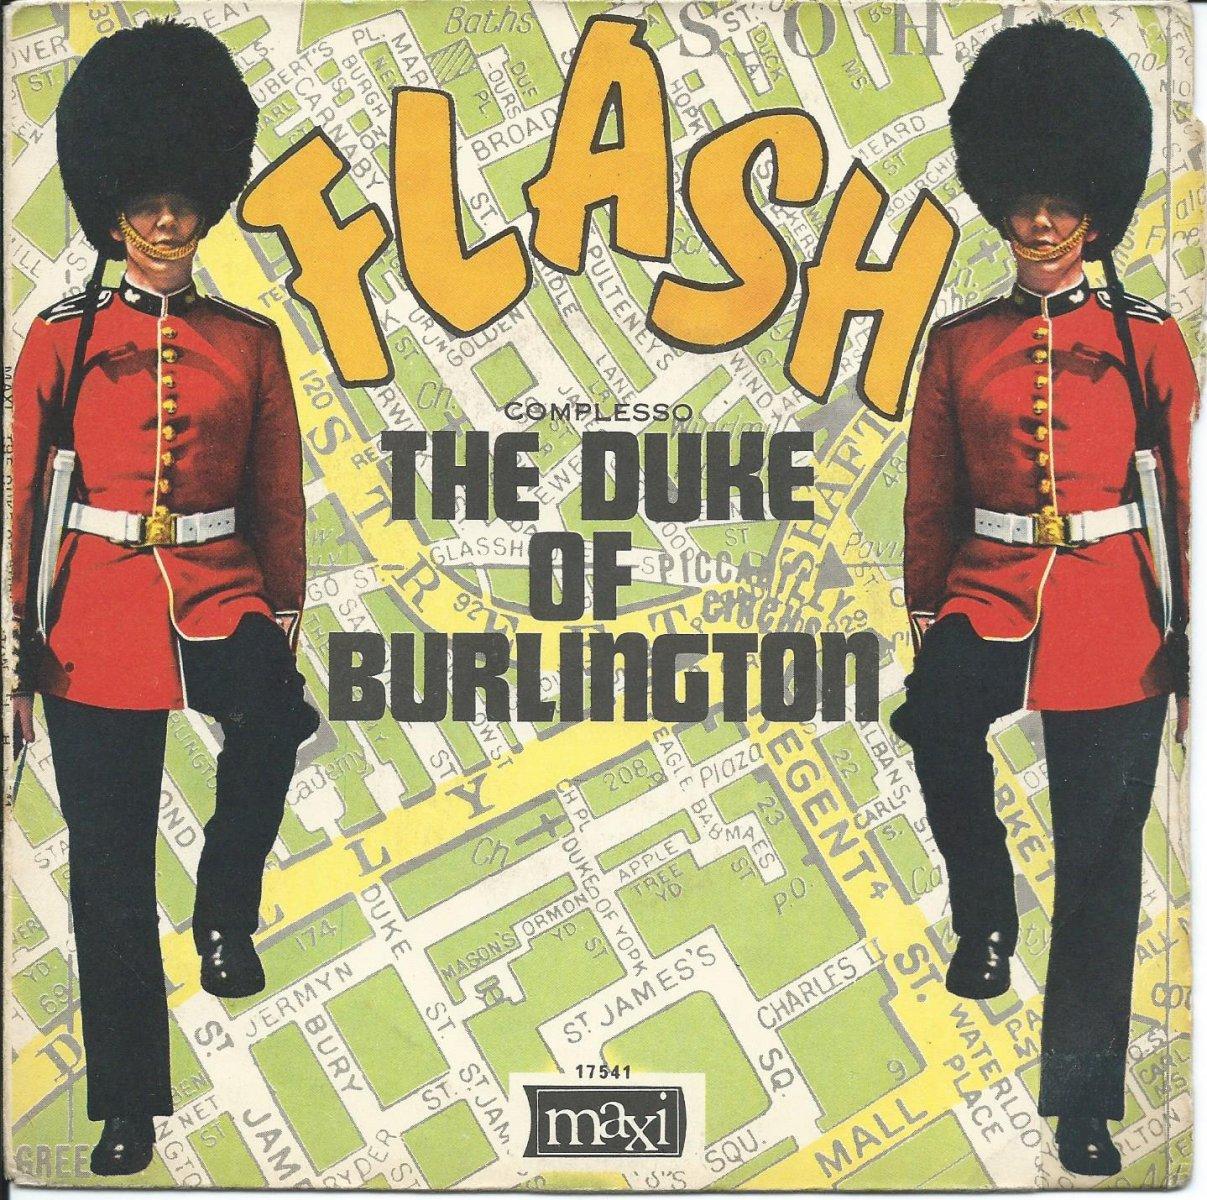 THE DUKE OF BURLINGTON / FLASH / 30 60 90 (7